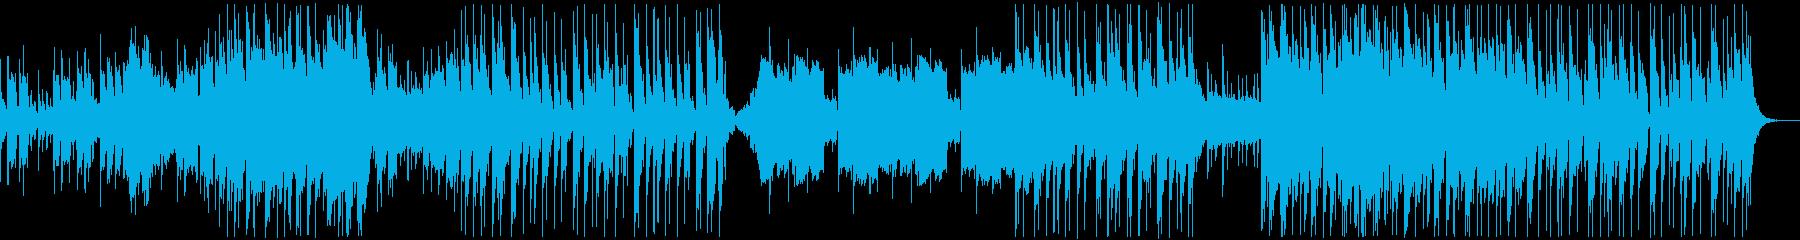 変則的なハイスピードインストの再生済みの波形